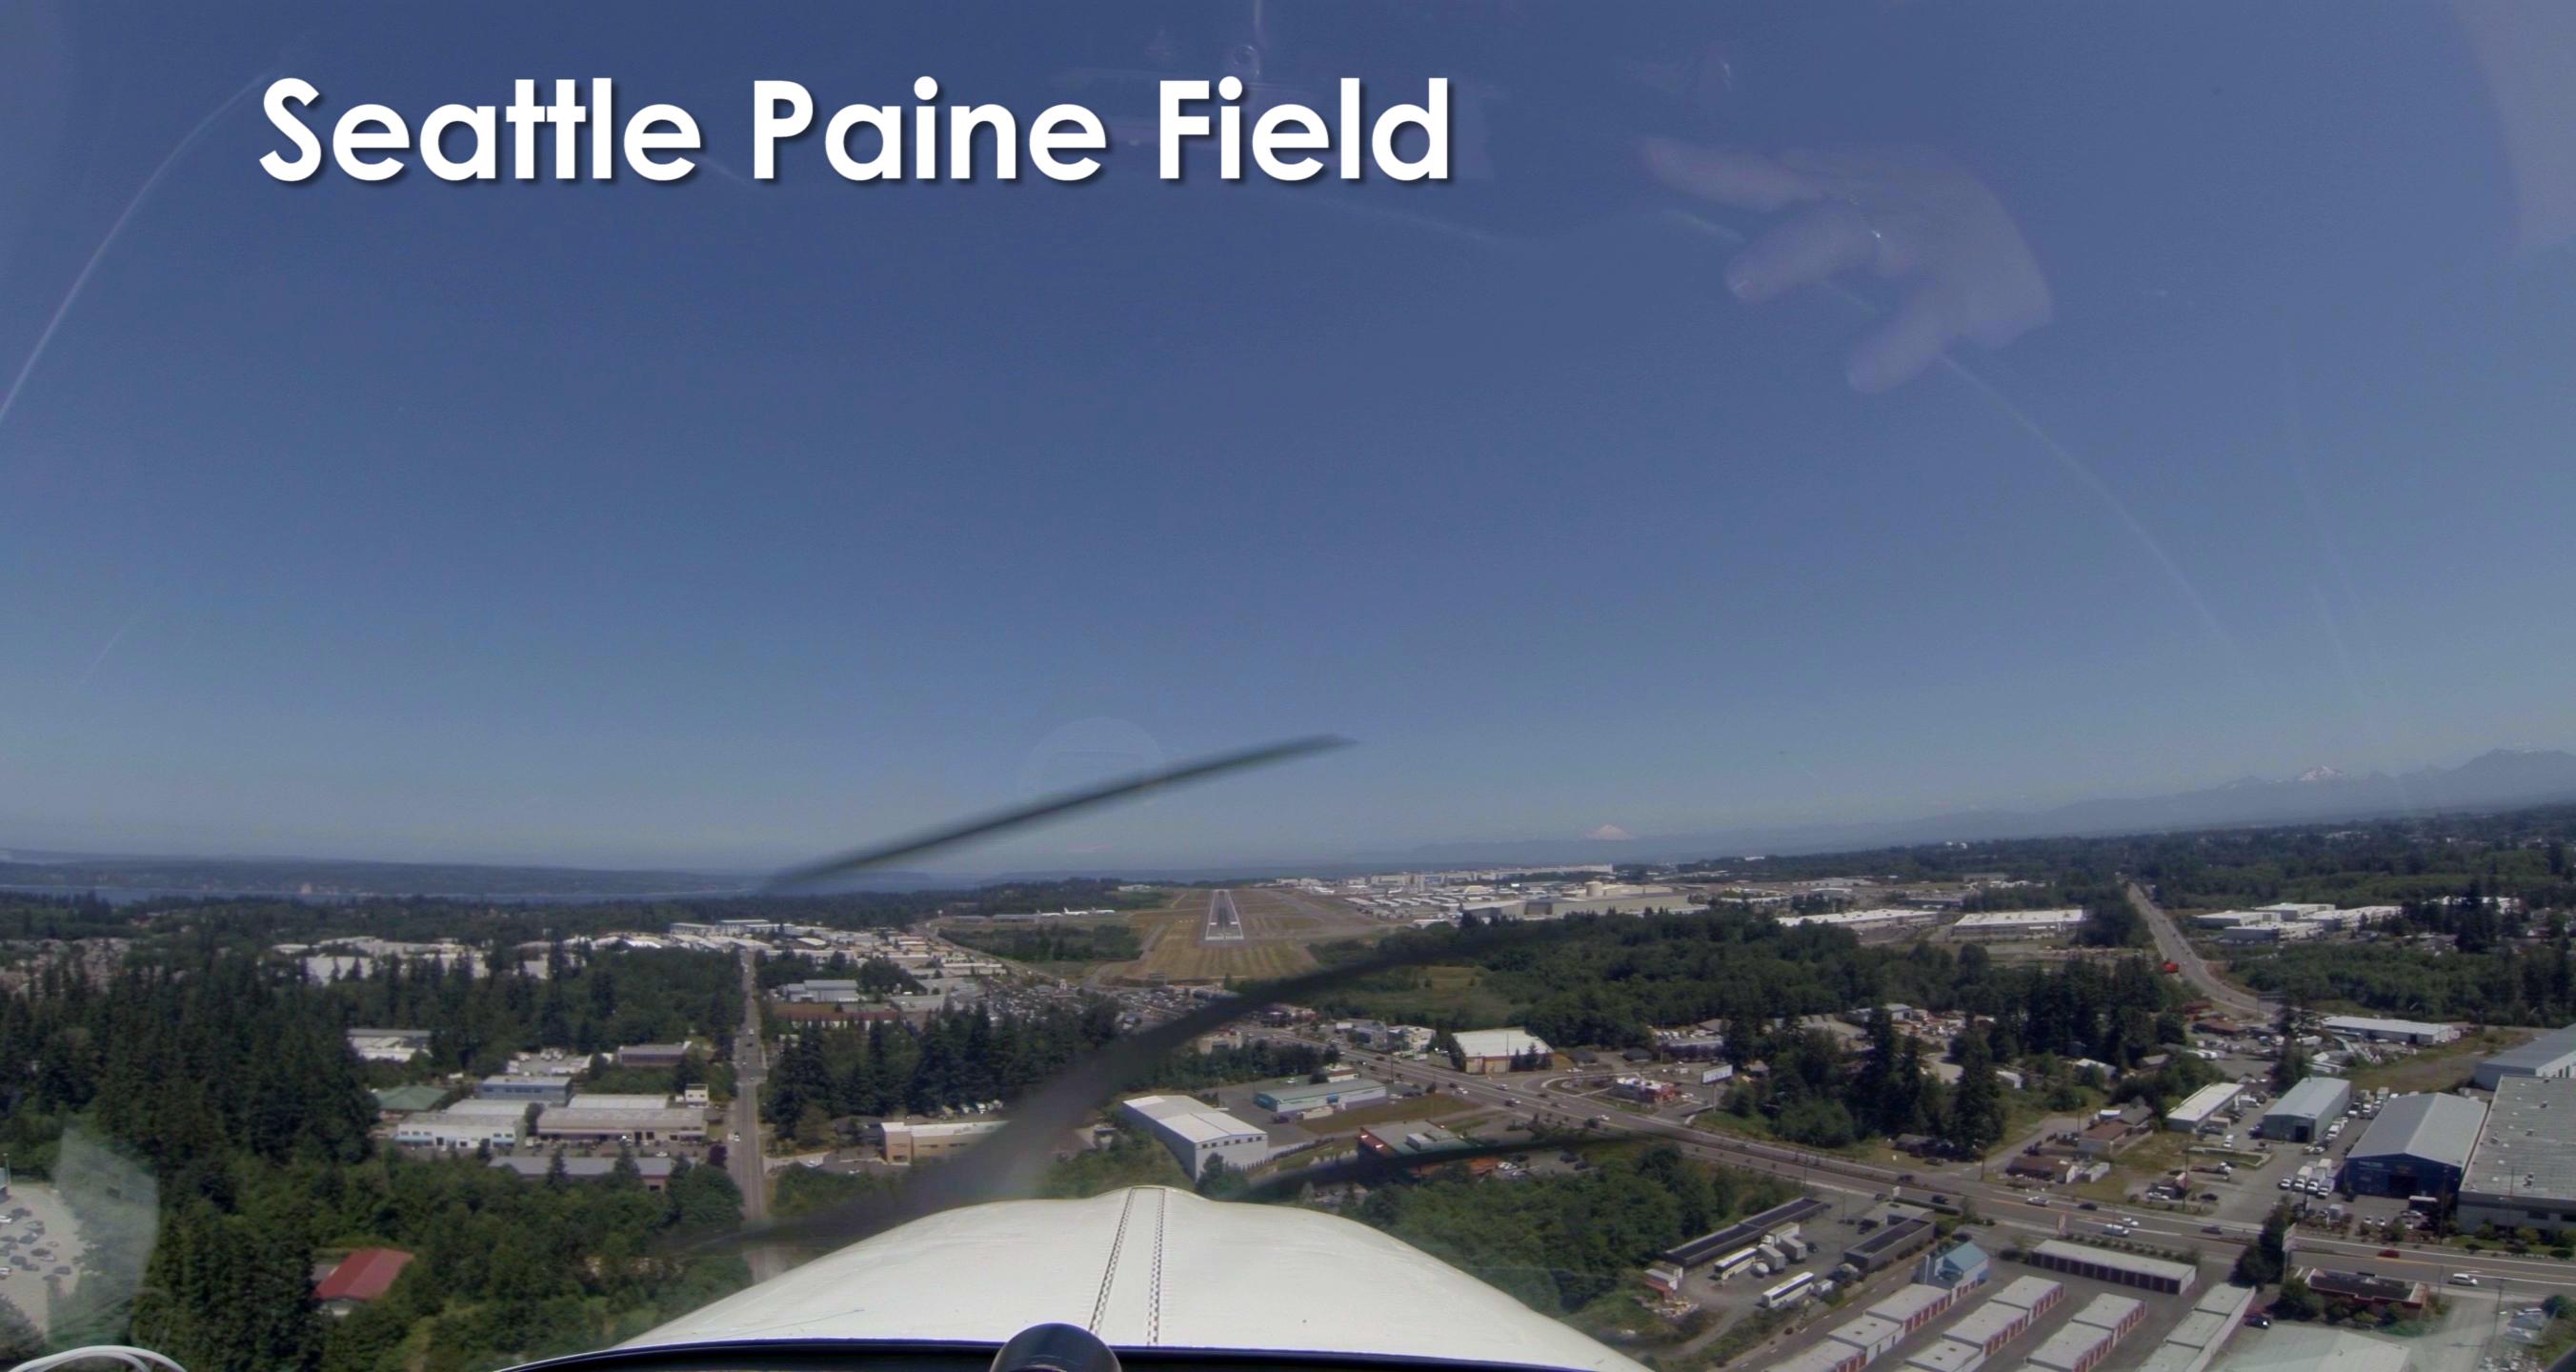 Final Approach KPAE 34L